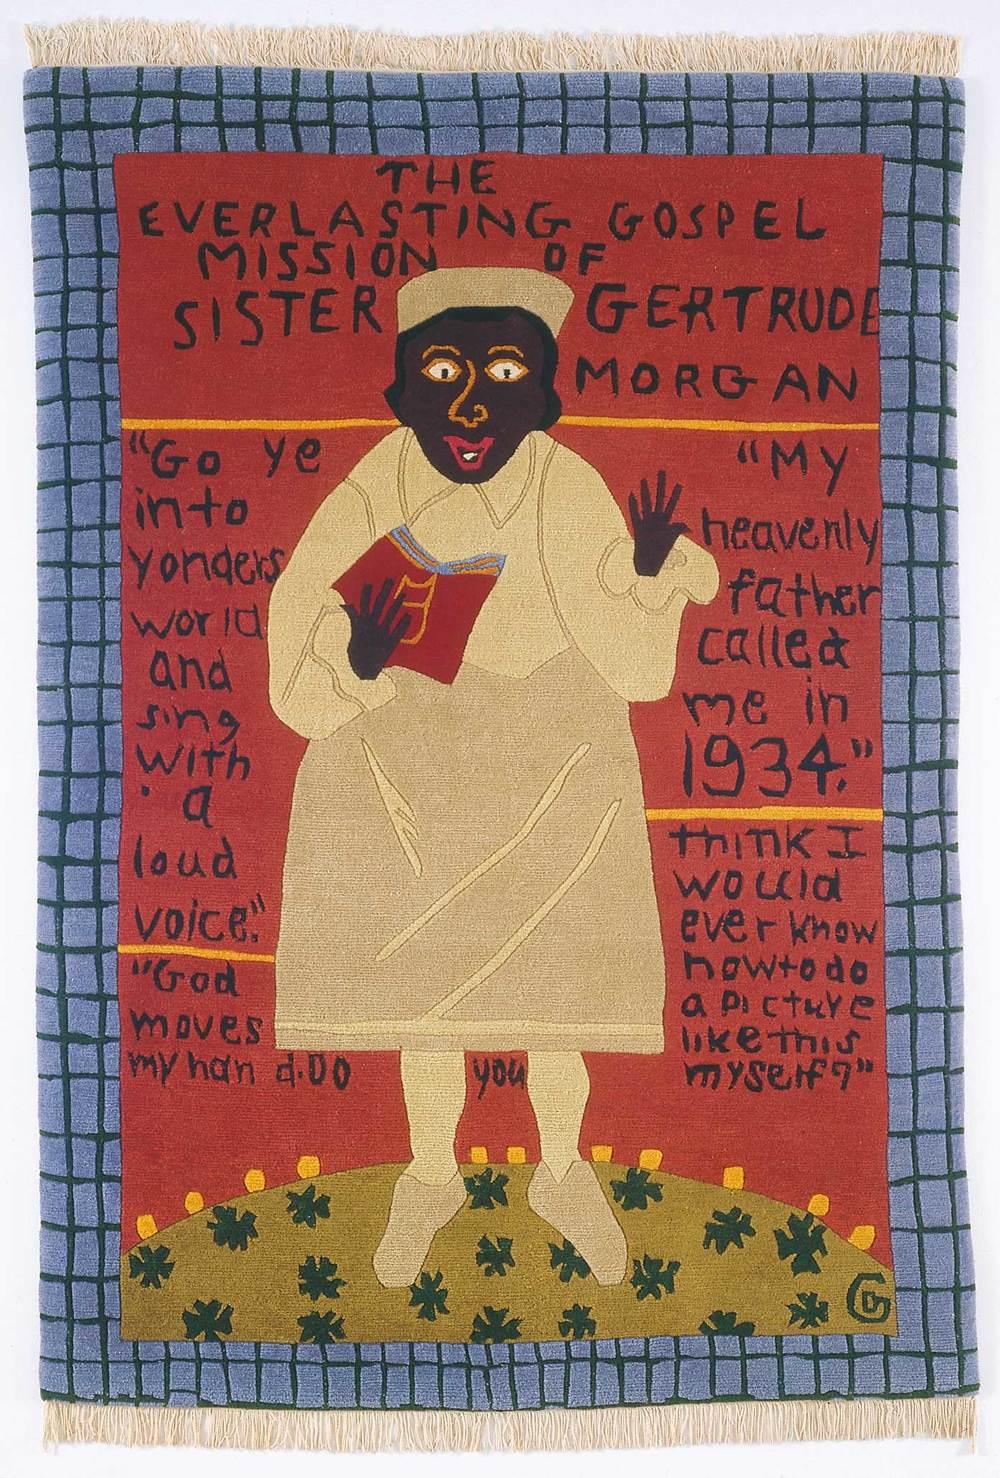 Sister Gertrude Morgan